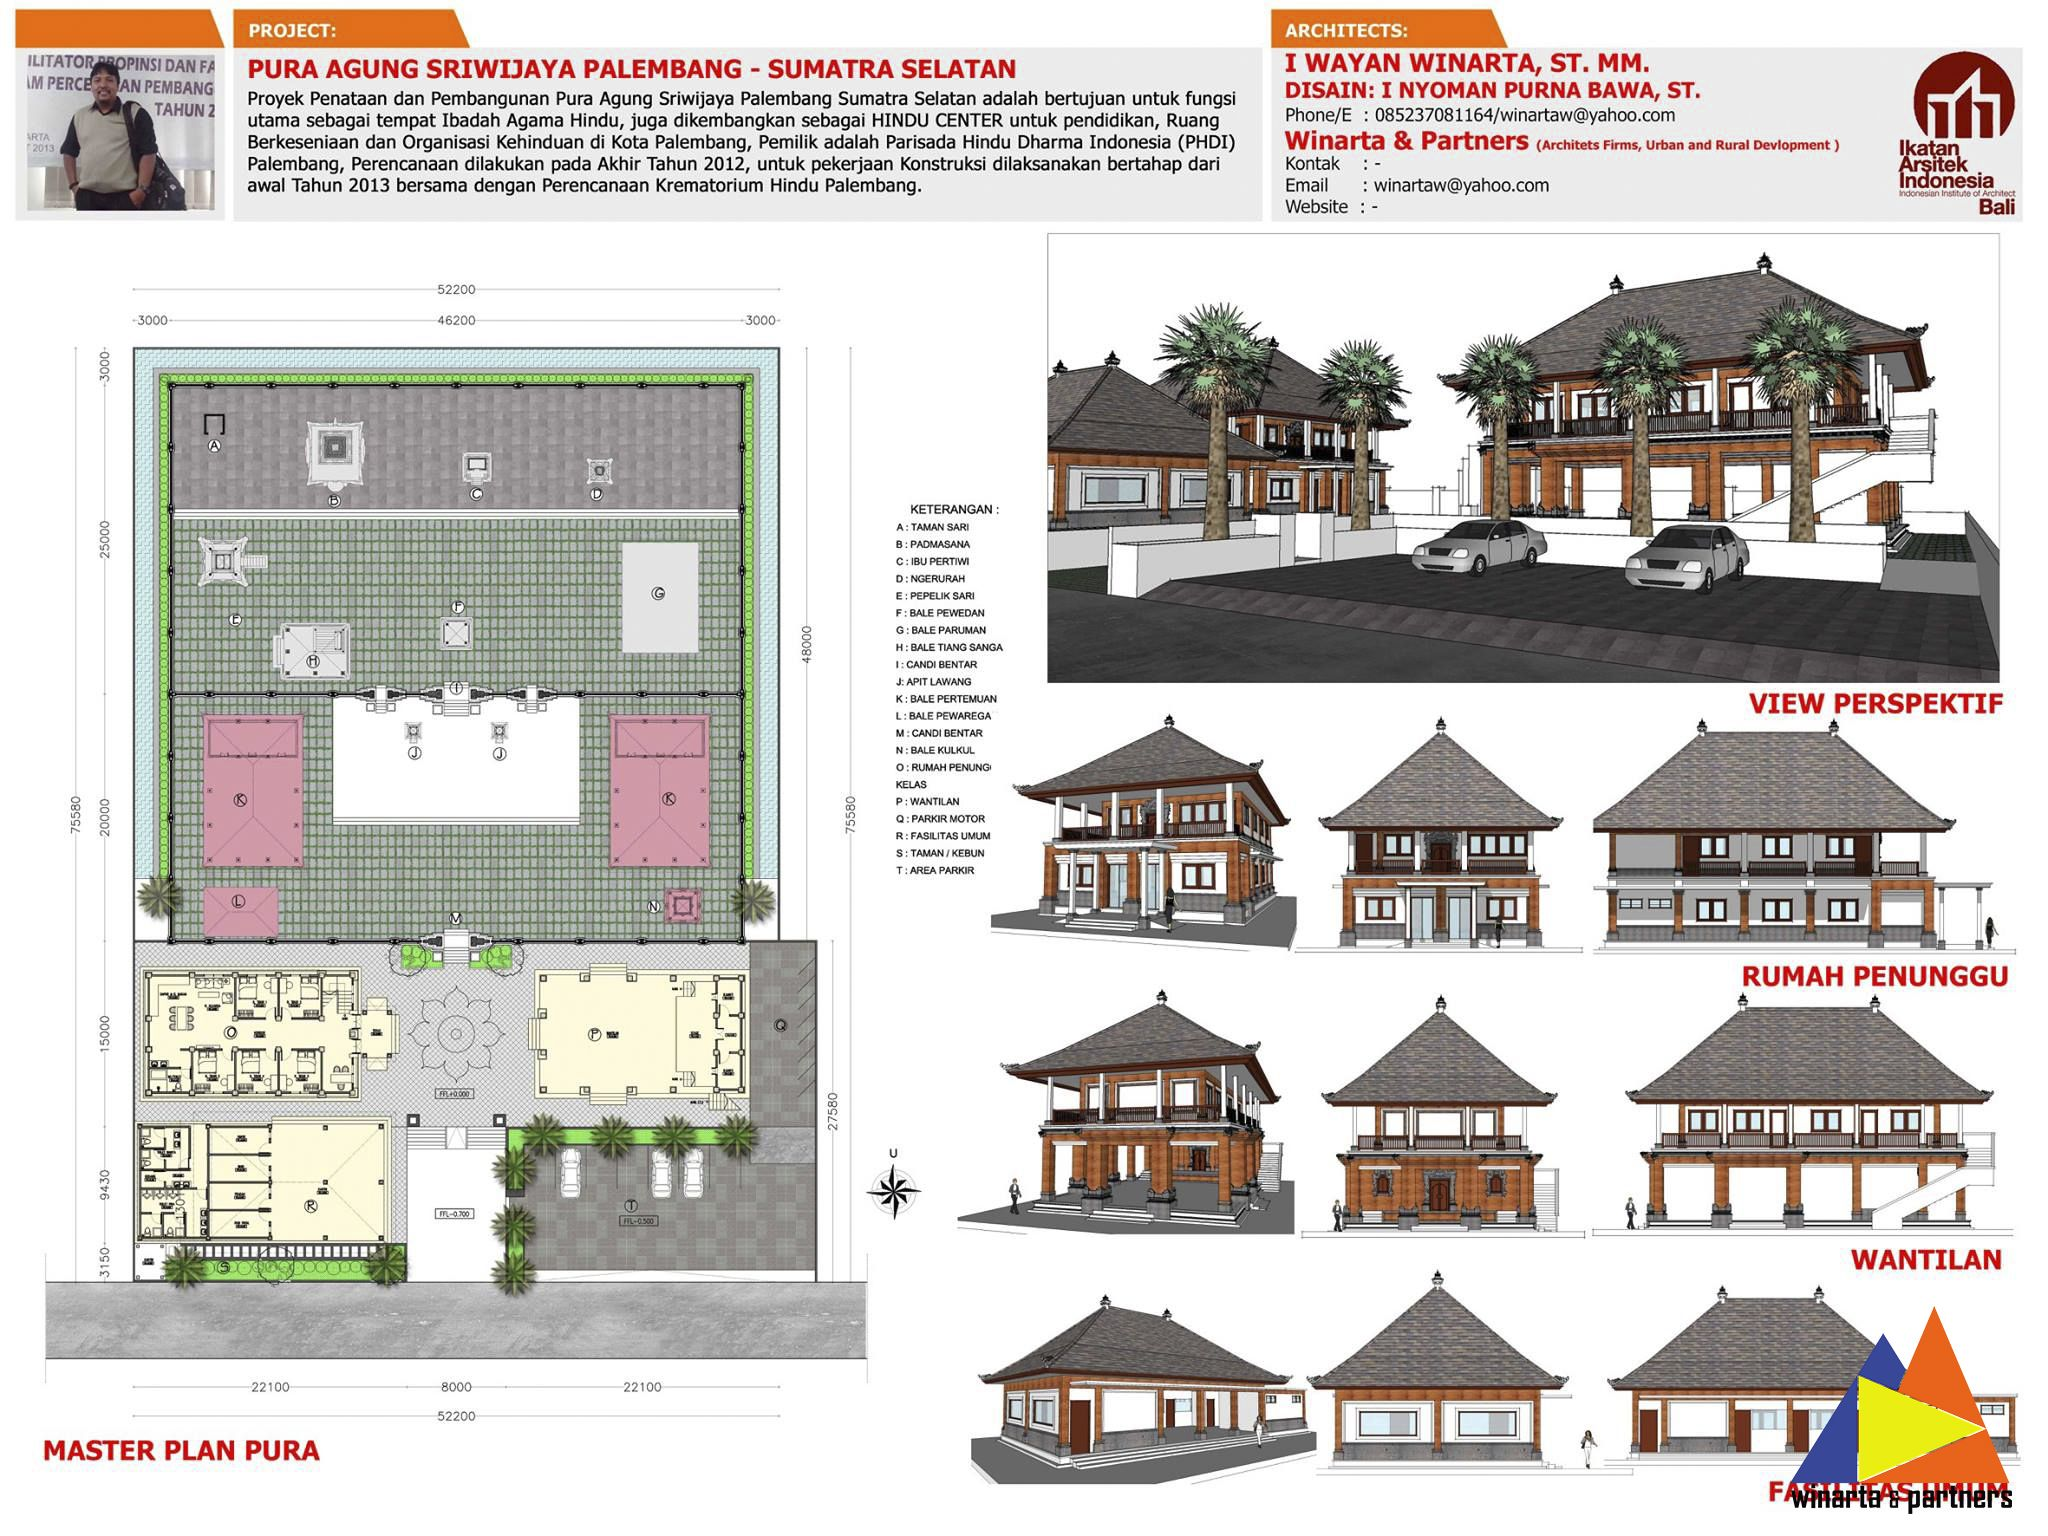 Proyek Penataan dan Pembangun Pura Agung Sriwijaya